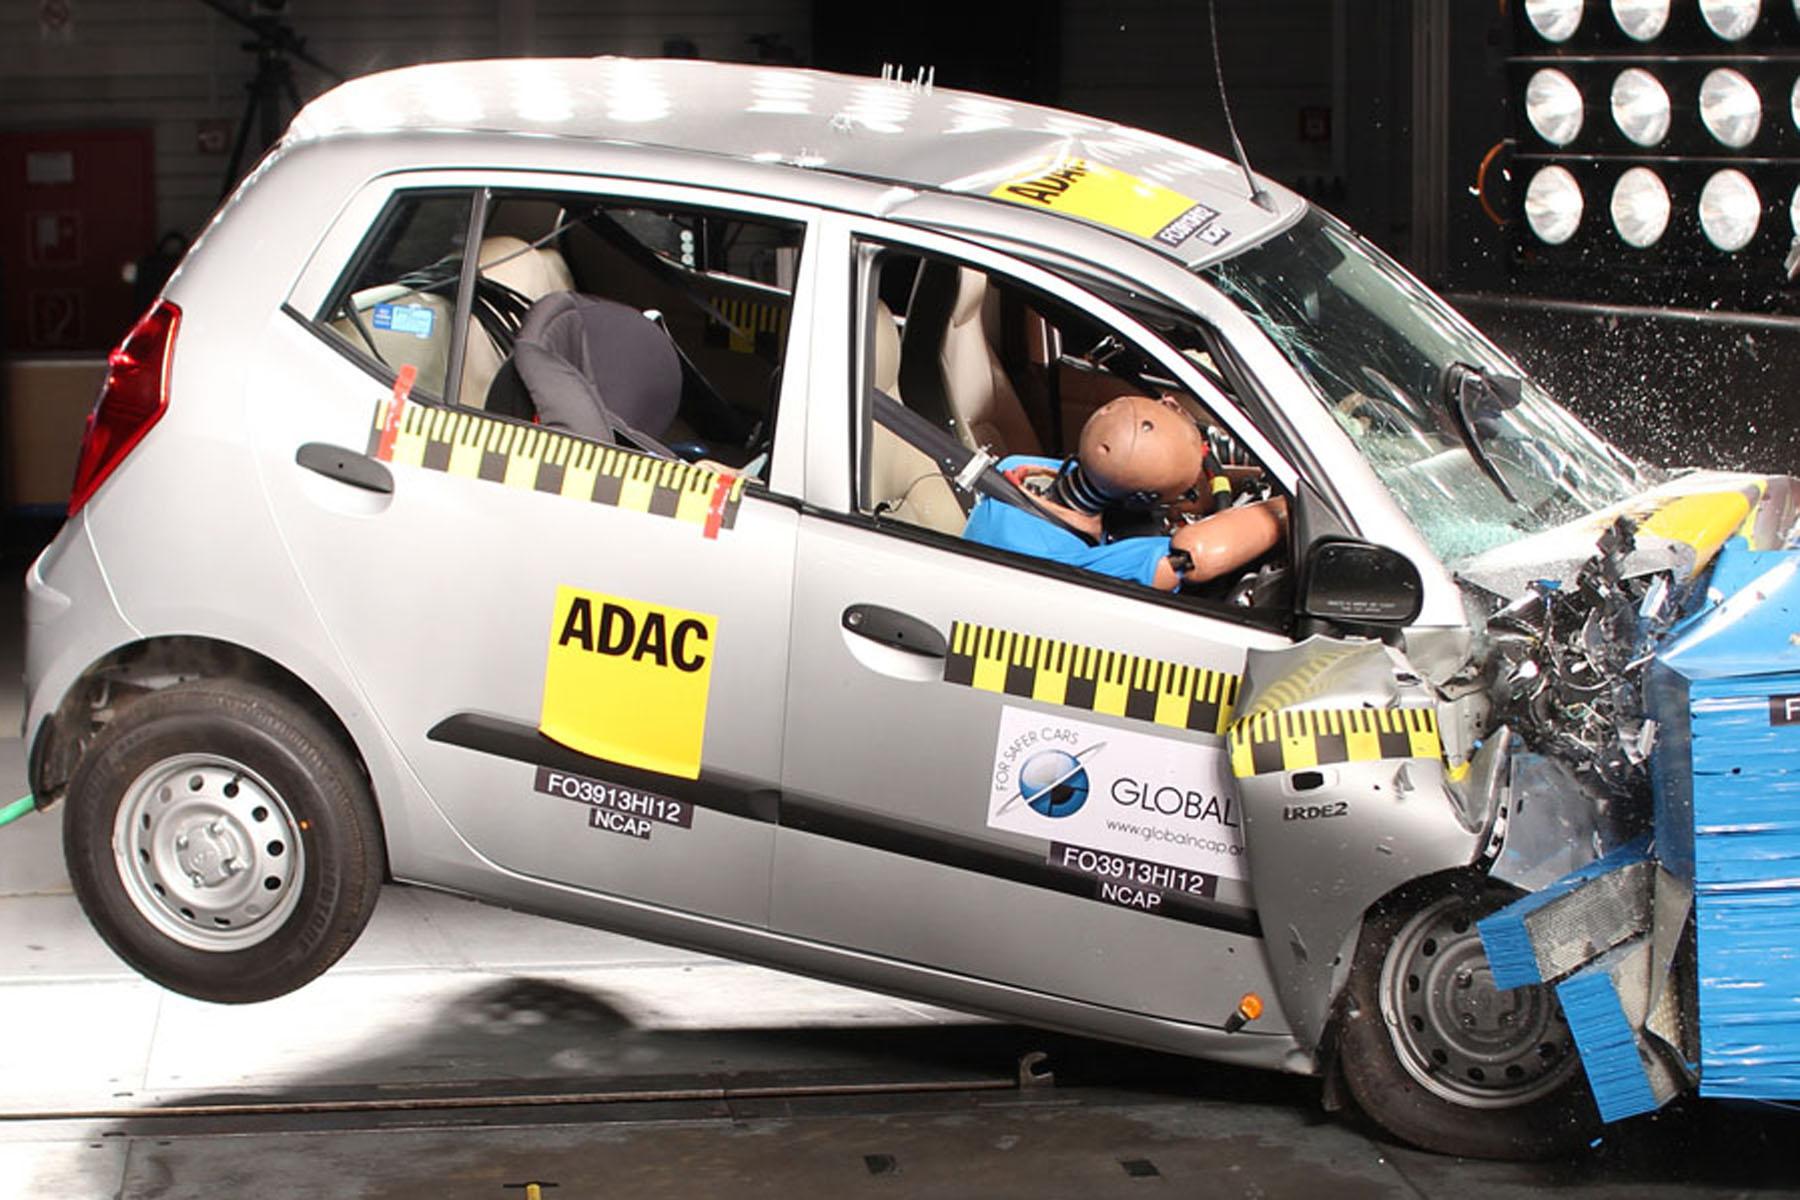 La sicurezza passiva nelle automobili